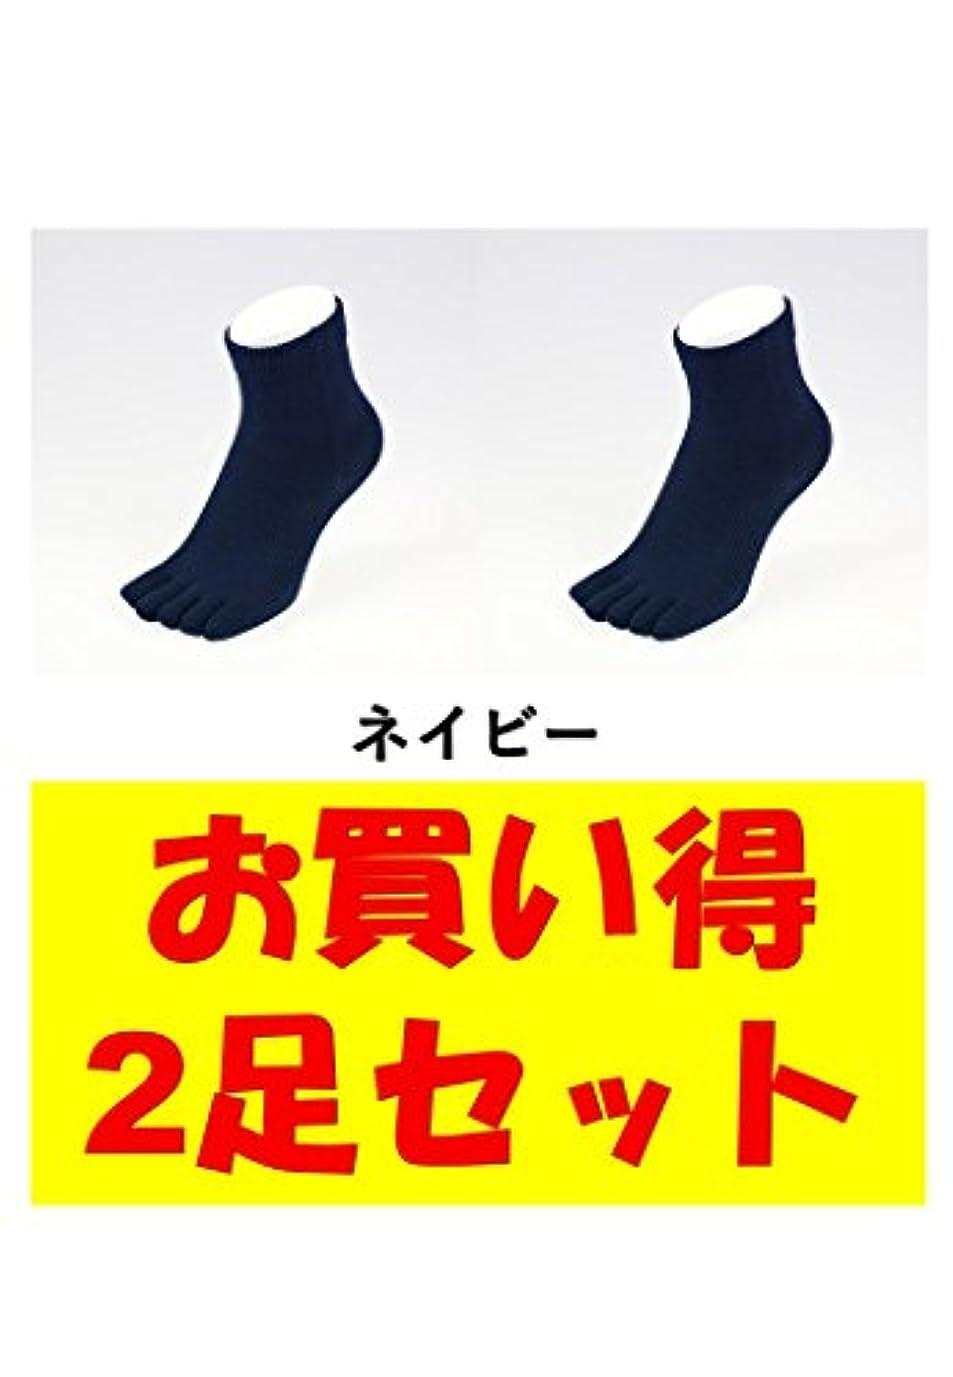 スペシャリストやさしい拷問お買い得2足セット 5本指 ゆびのばソックス Neo EVE(イヴ) ネイビー Sサイズ(21.0cm - 24.0cm) YSNEVE-NVY